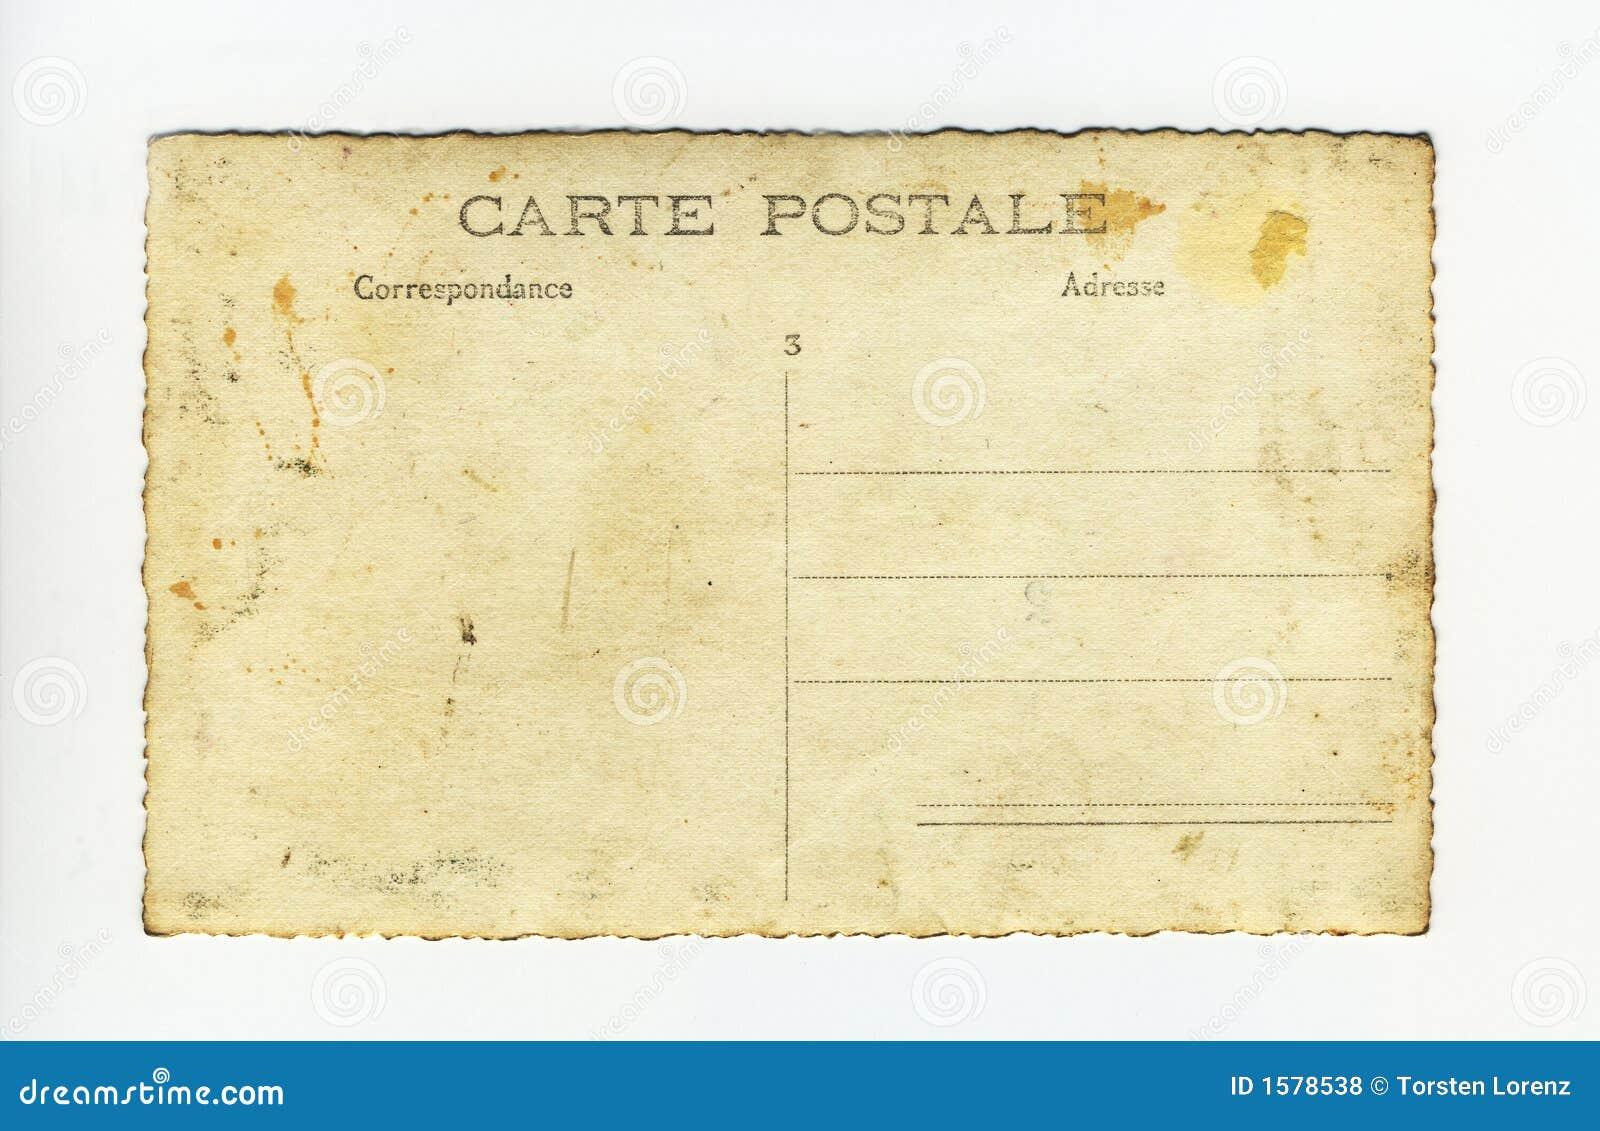 carte postale stock photo image of grunge back blank 1578538. Black Bedroom Furniture Sets. Home Design Ideas